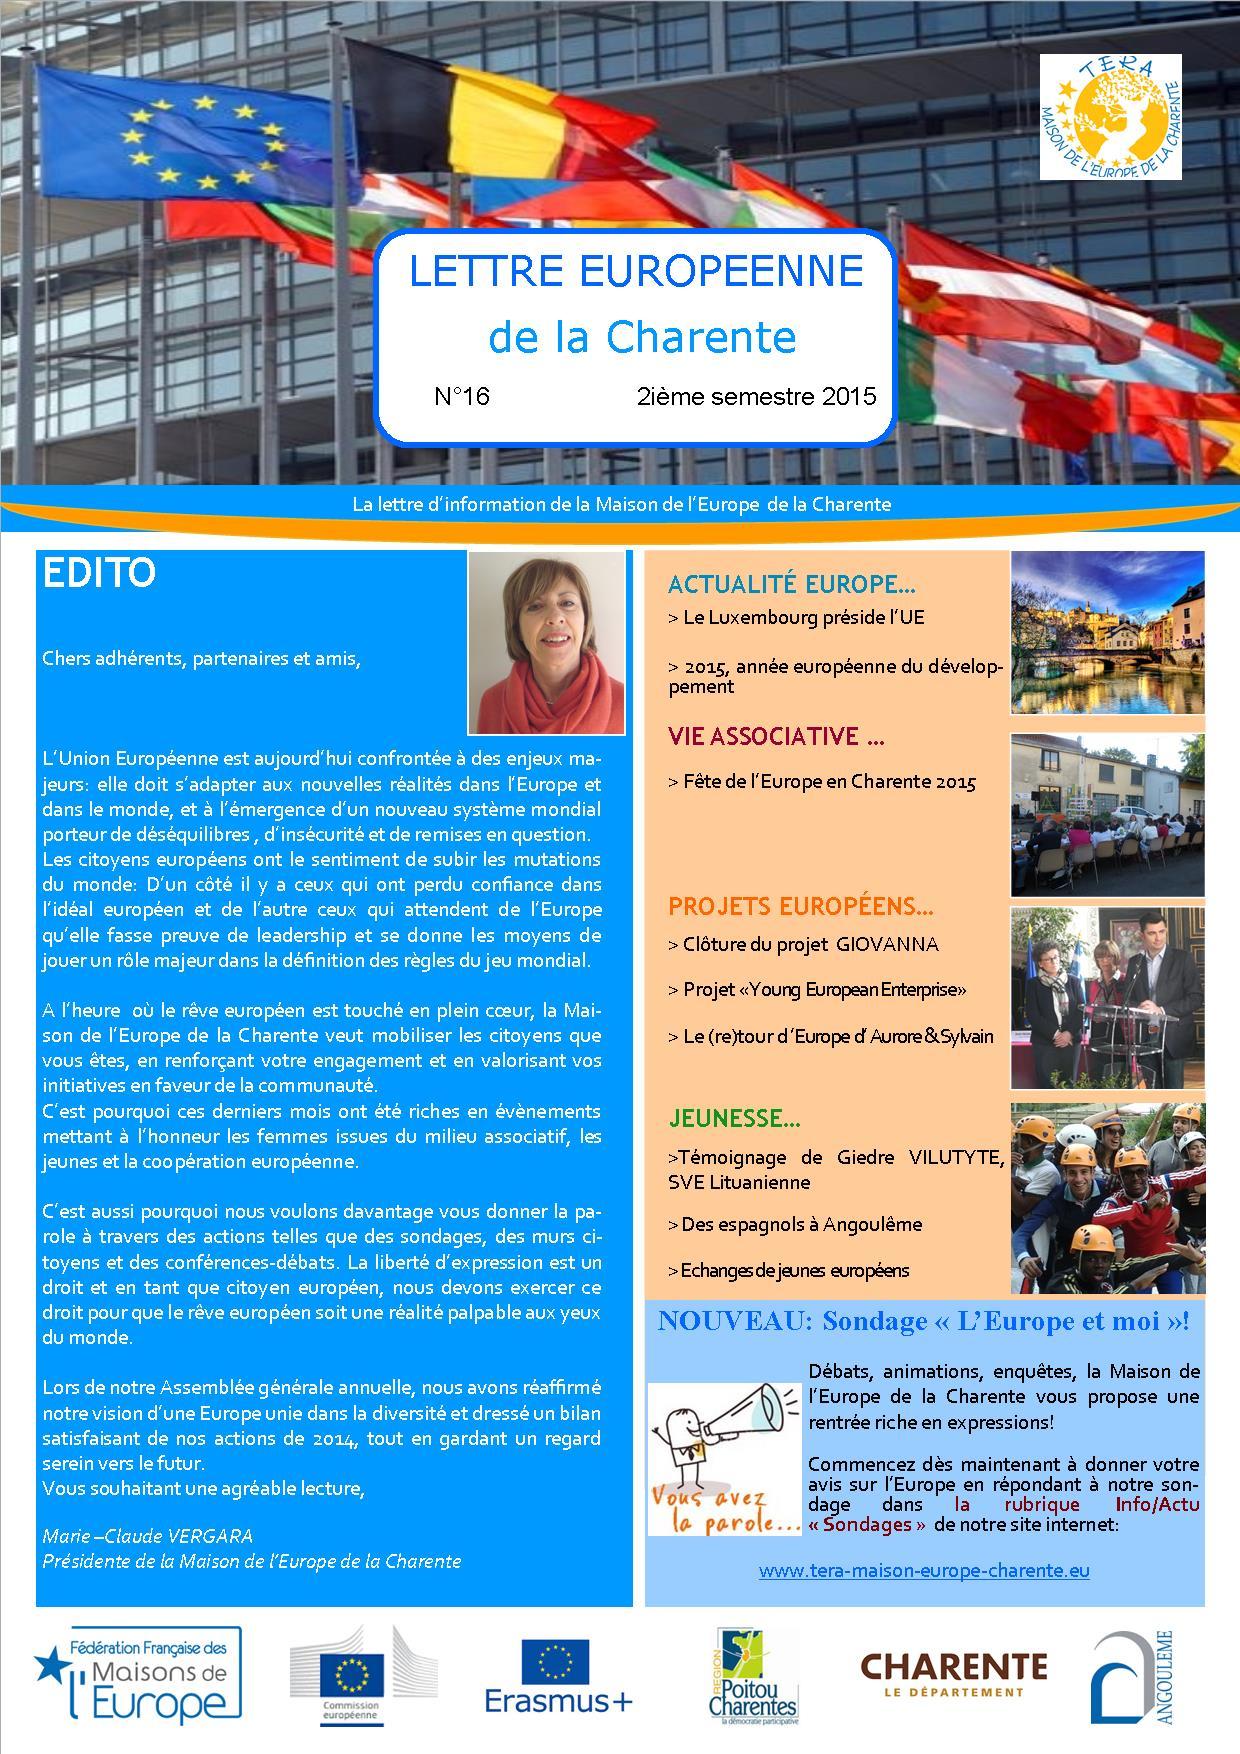 Lettre Européenne de la Charente N°16 du 2ième semestre